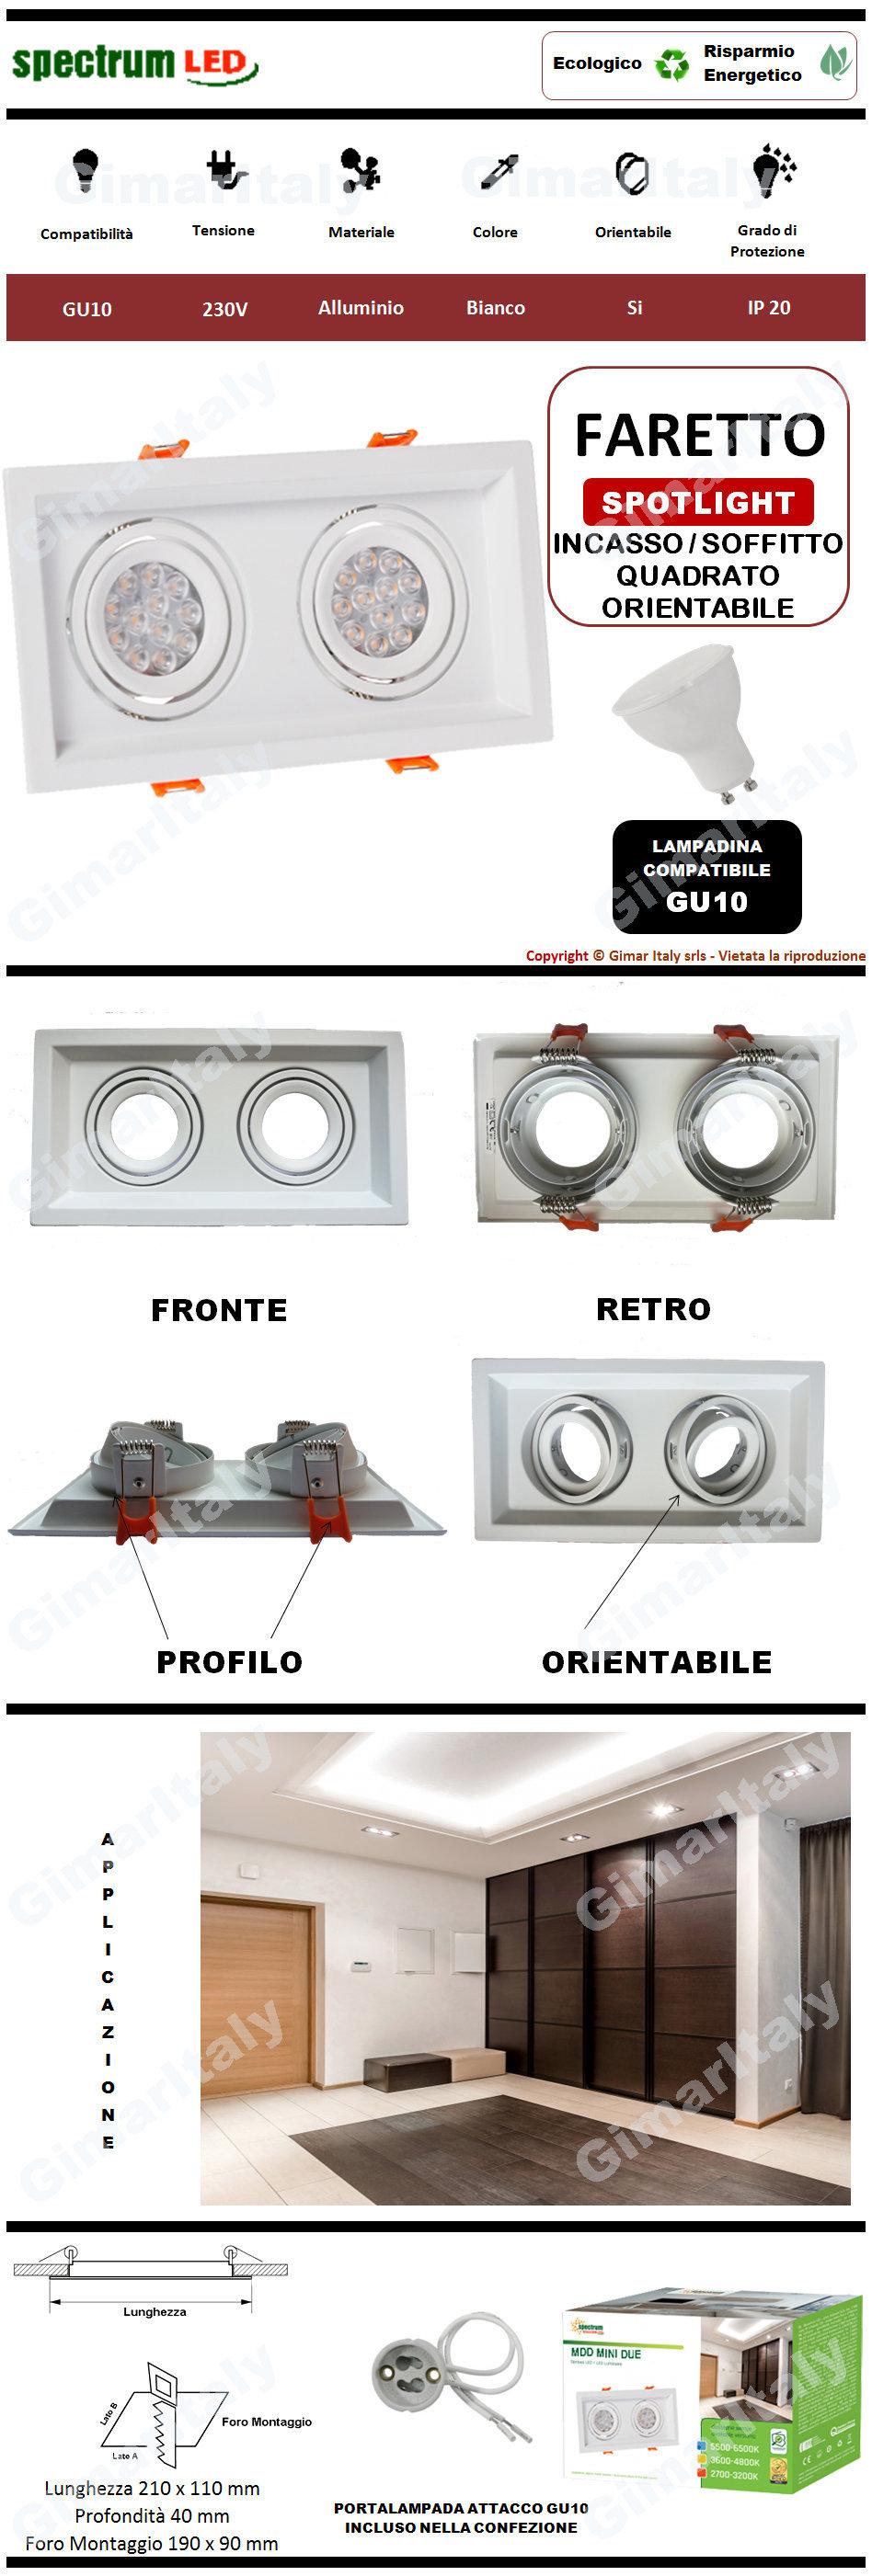 Portafaretto Quadrato Bianco da incasso per 2 lampadine GU10 Spectrum